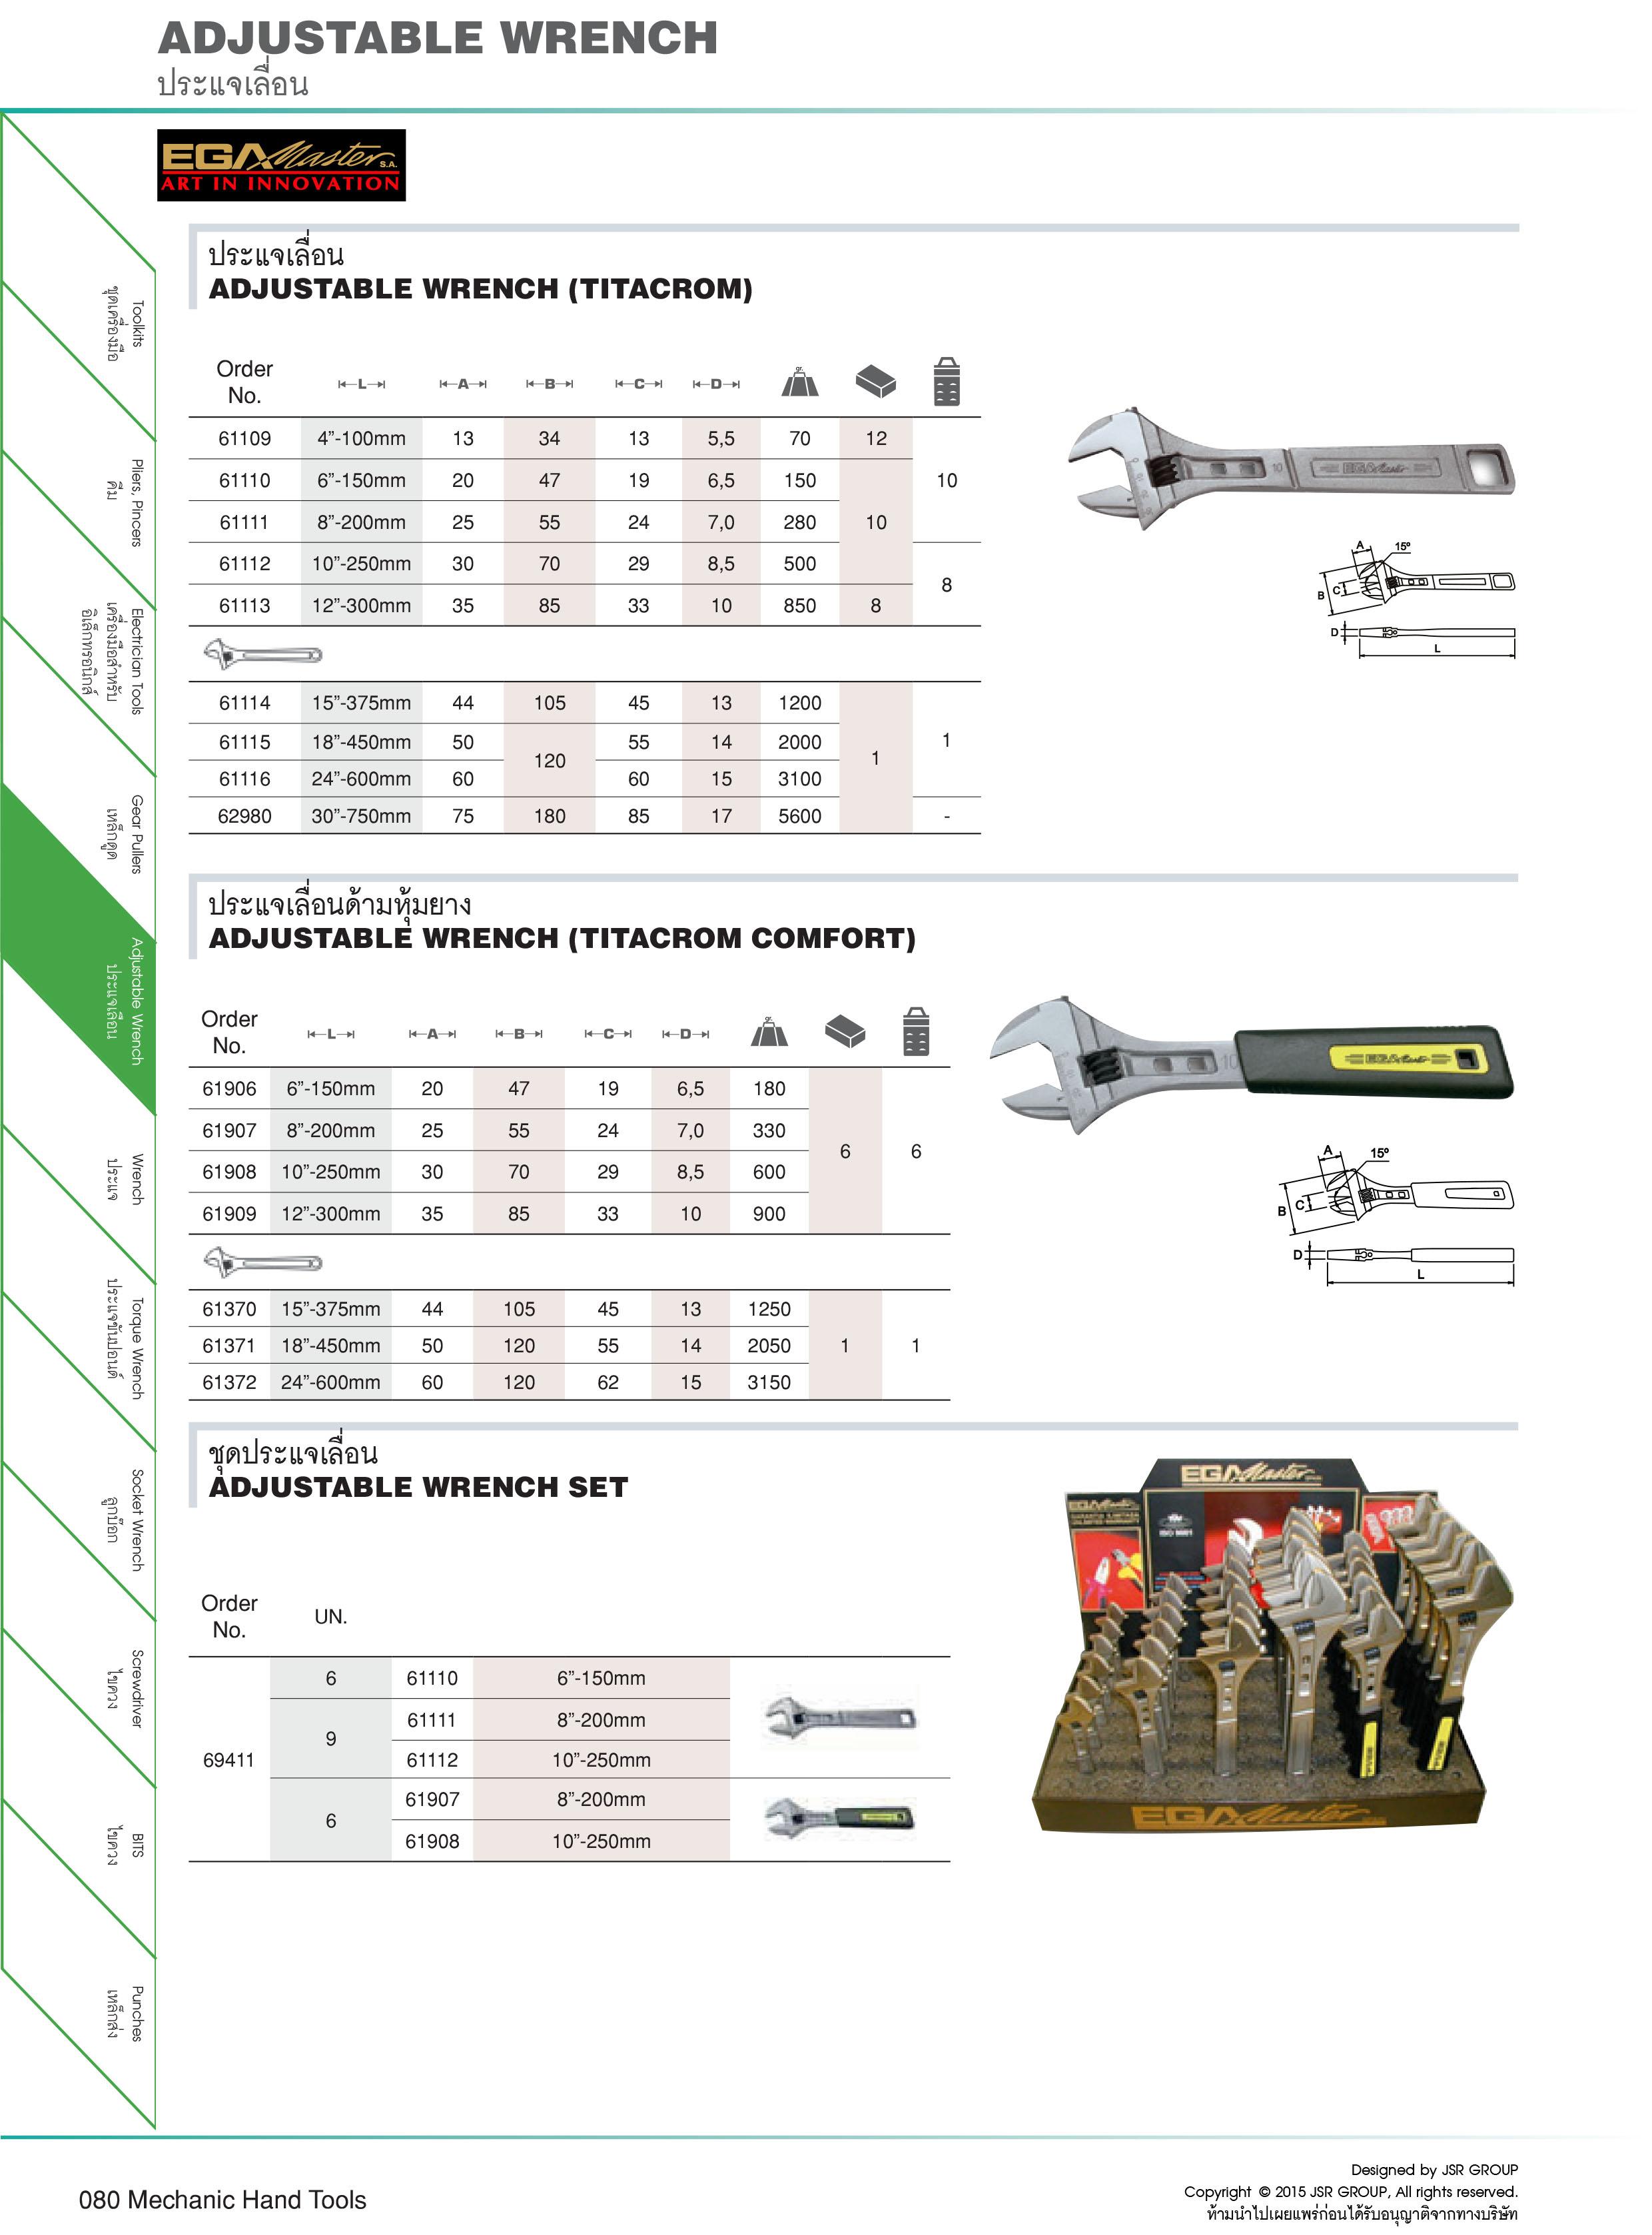 ประแจเลื่อน Adjustable Wrench (Titacrom) ประแจเลื่อน Ega Master table